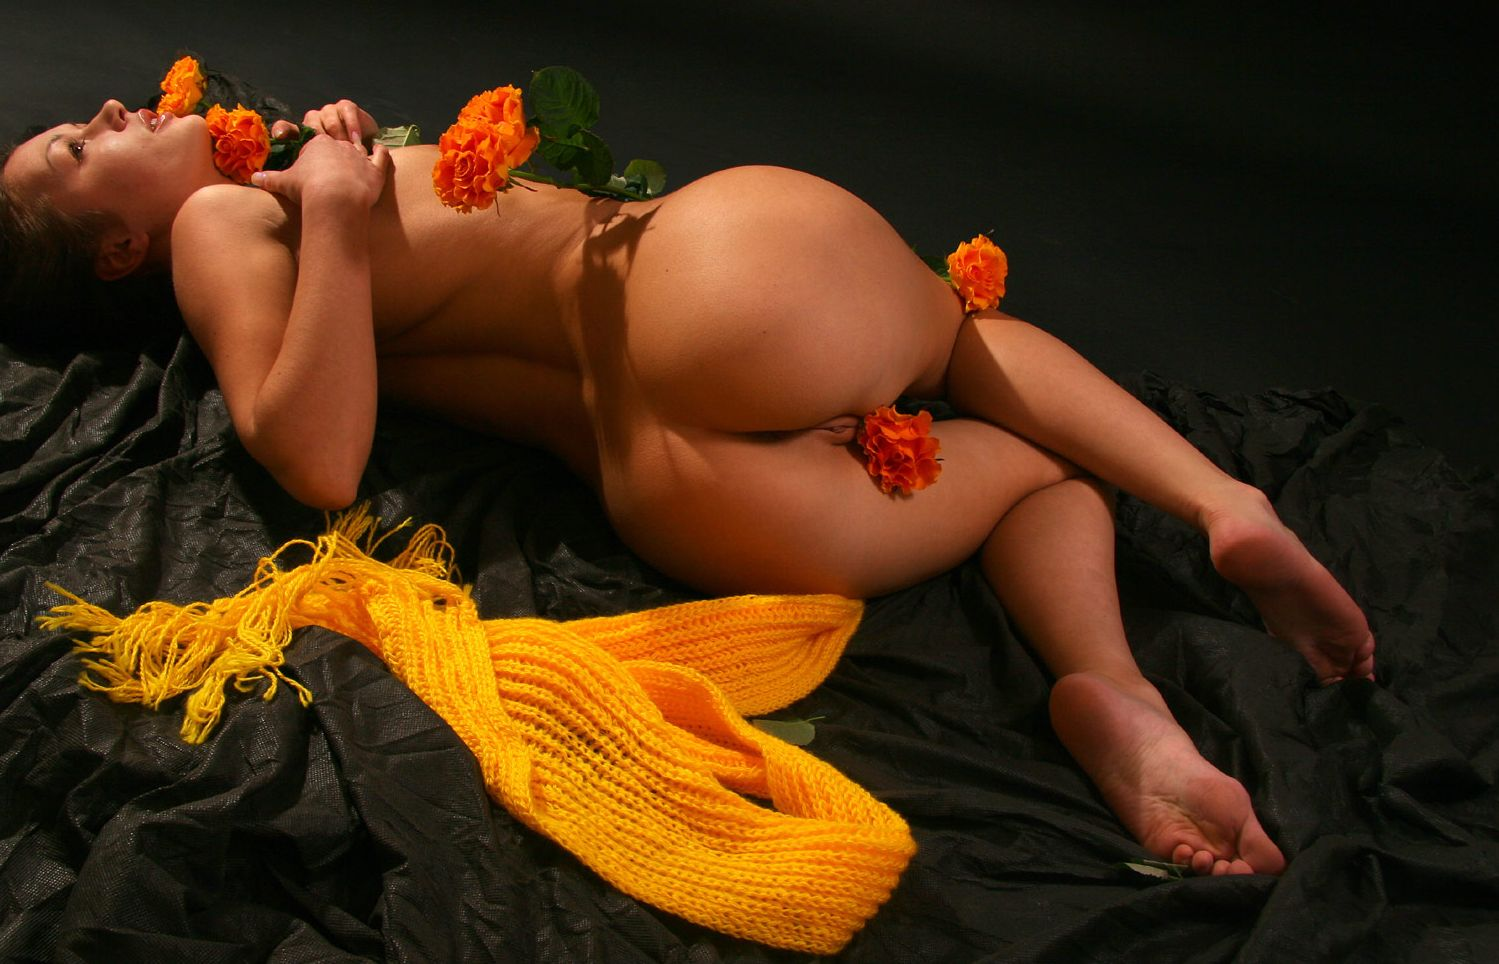 эро фото цветок порно про